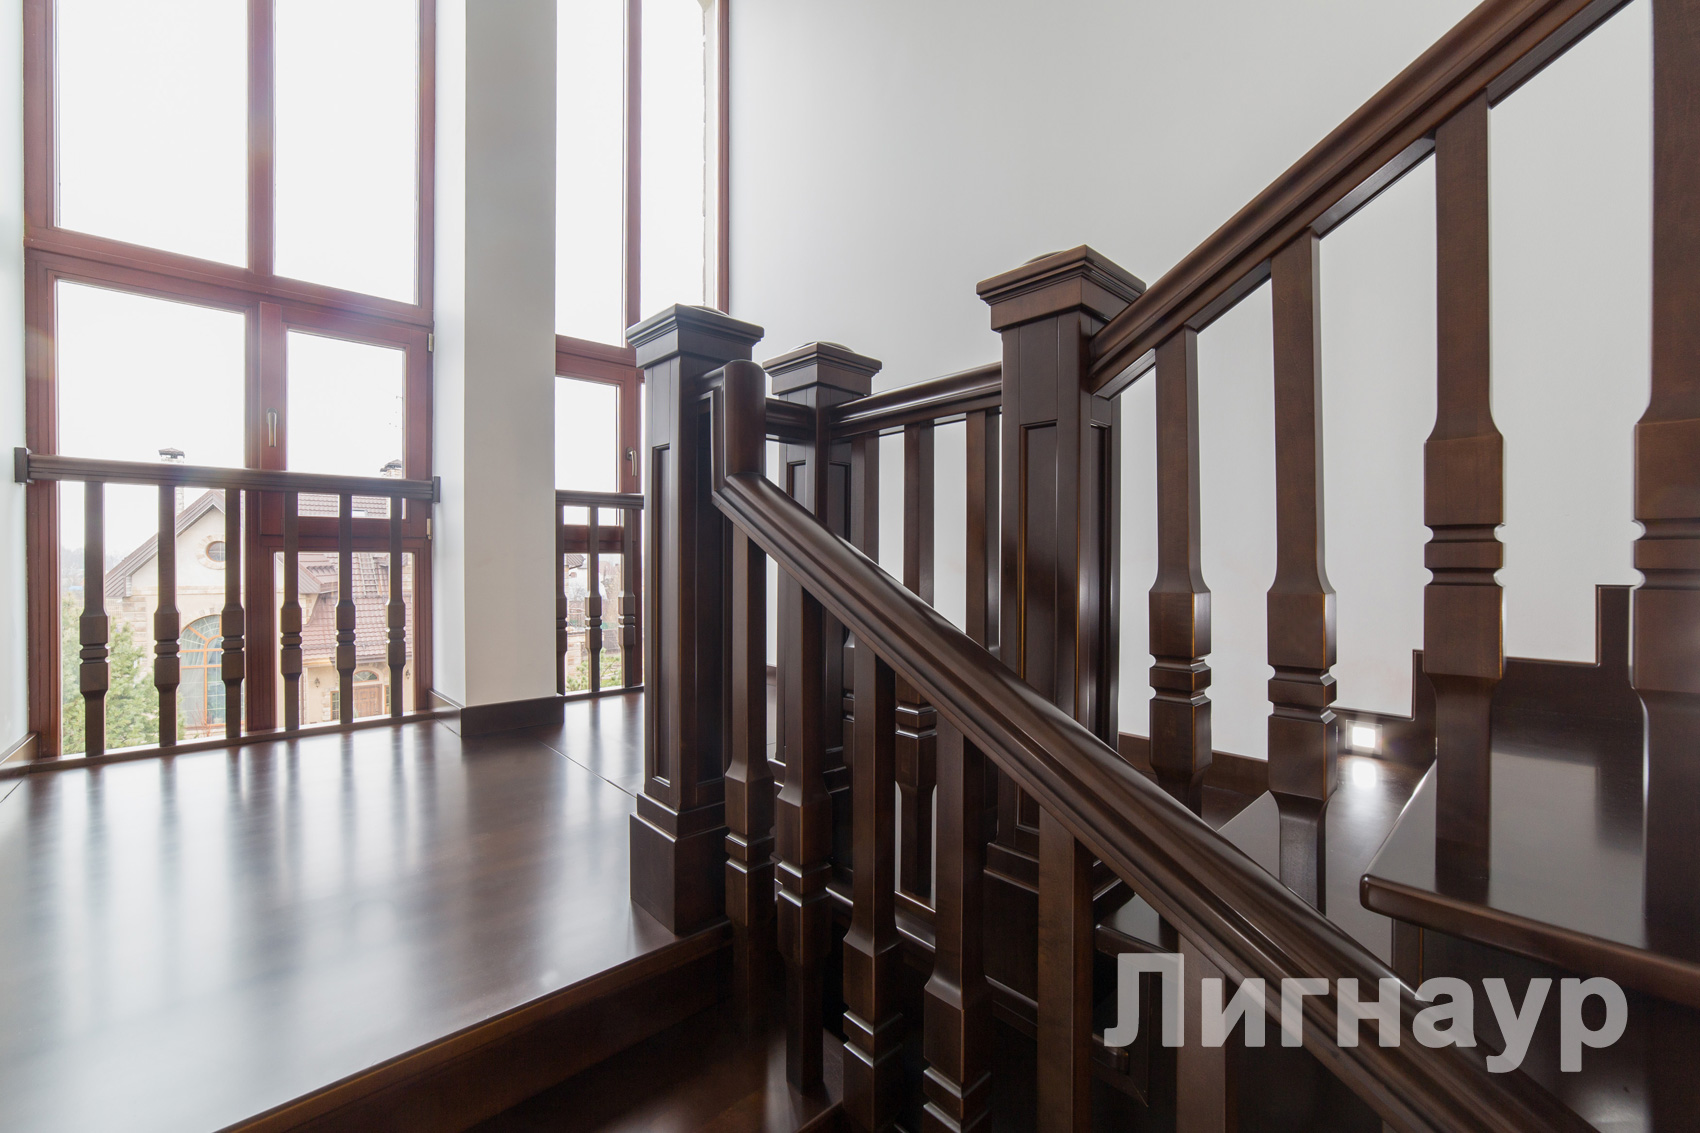 Перила, поручни в Ульяновске - сравнить цены и купить